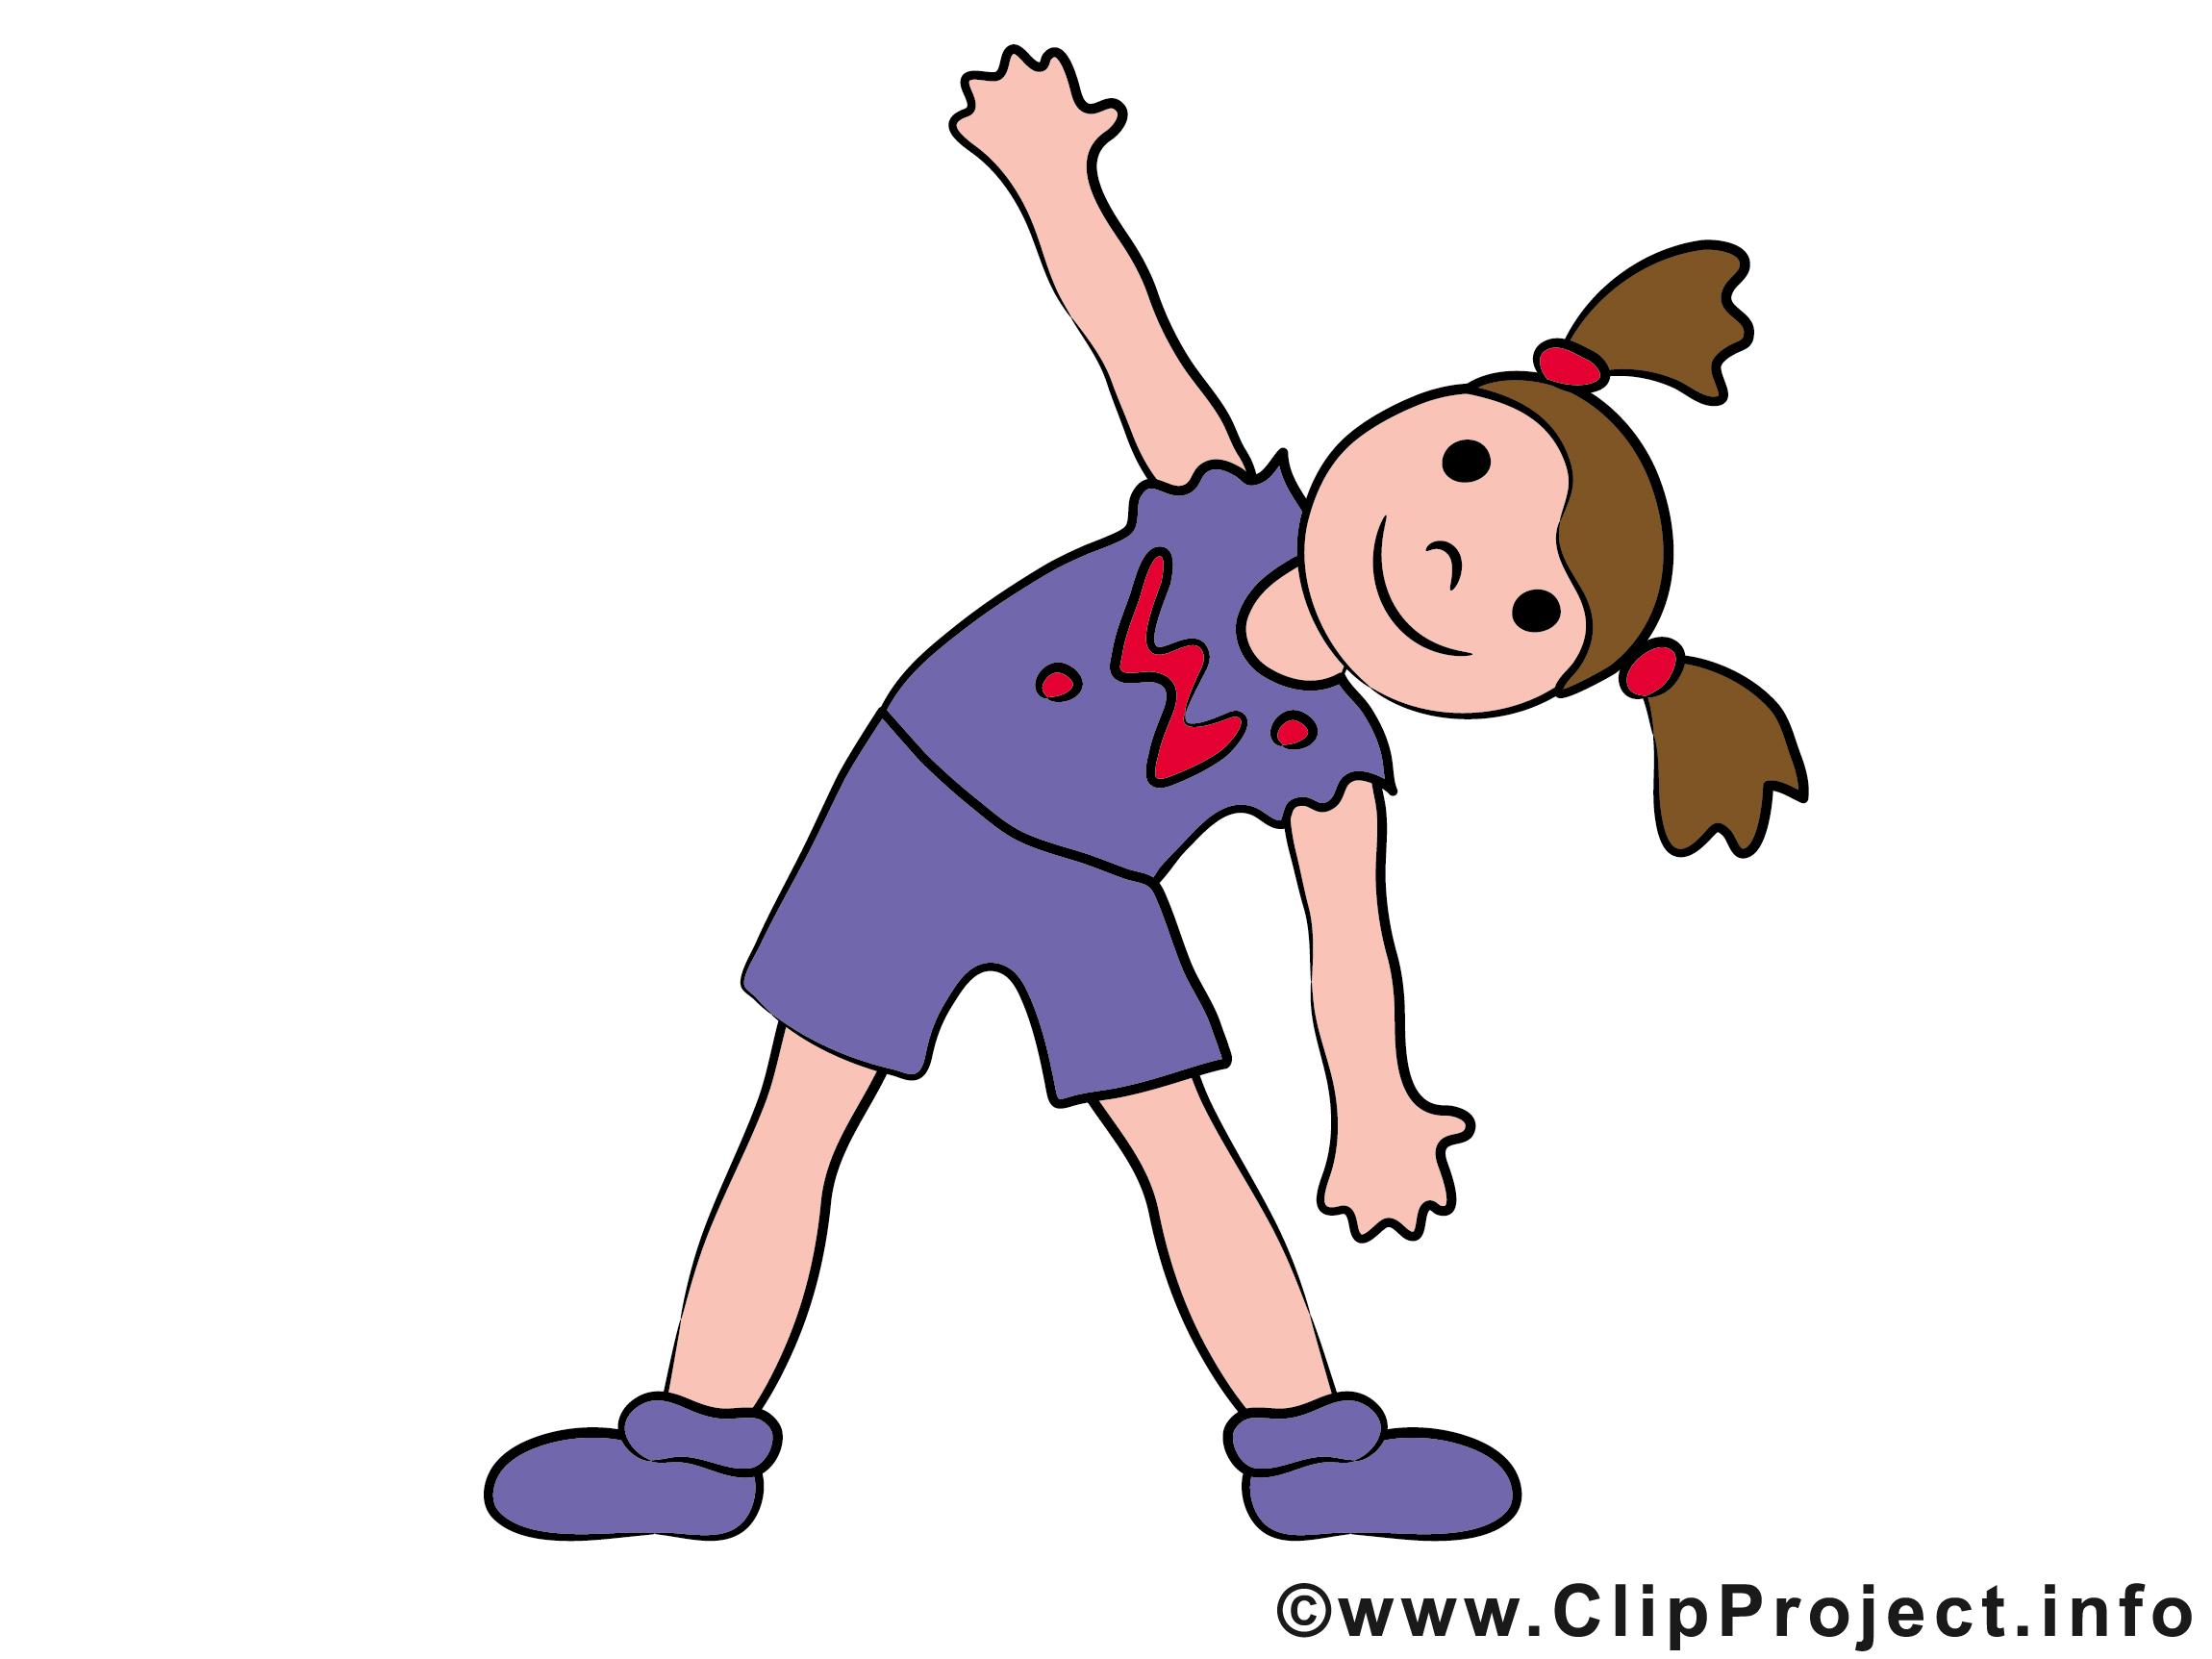 Gymnastique Image Gratuite Sport Dessin Picture Image Graphic Clip Art Telecharger Gratuit